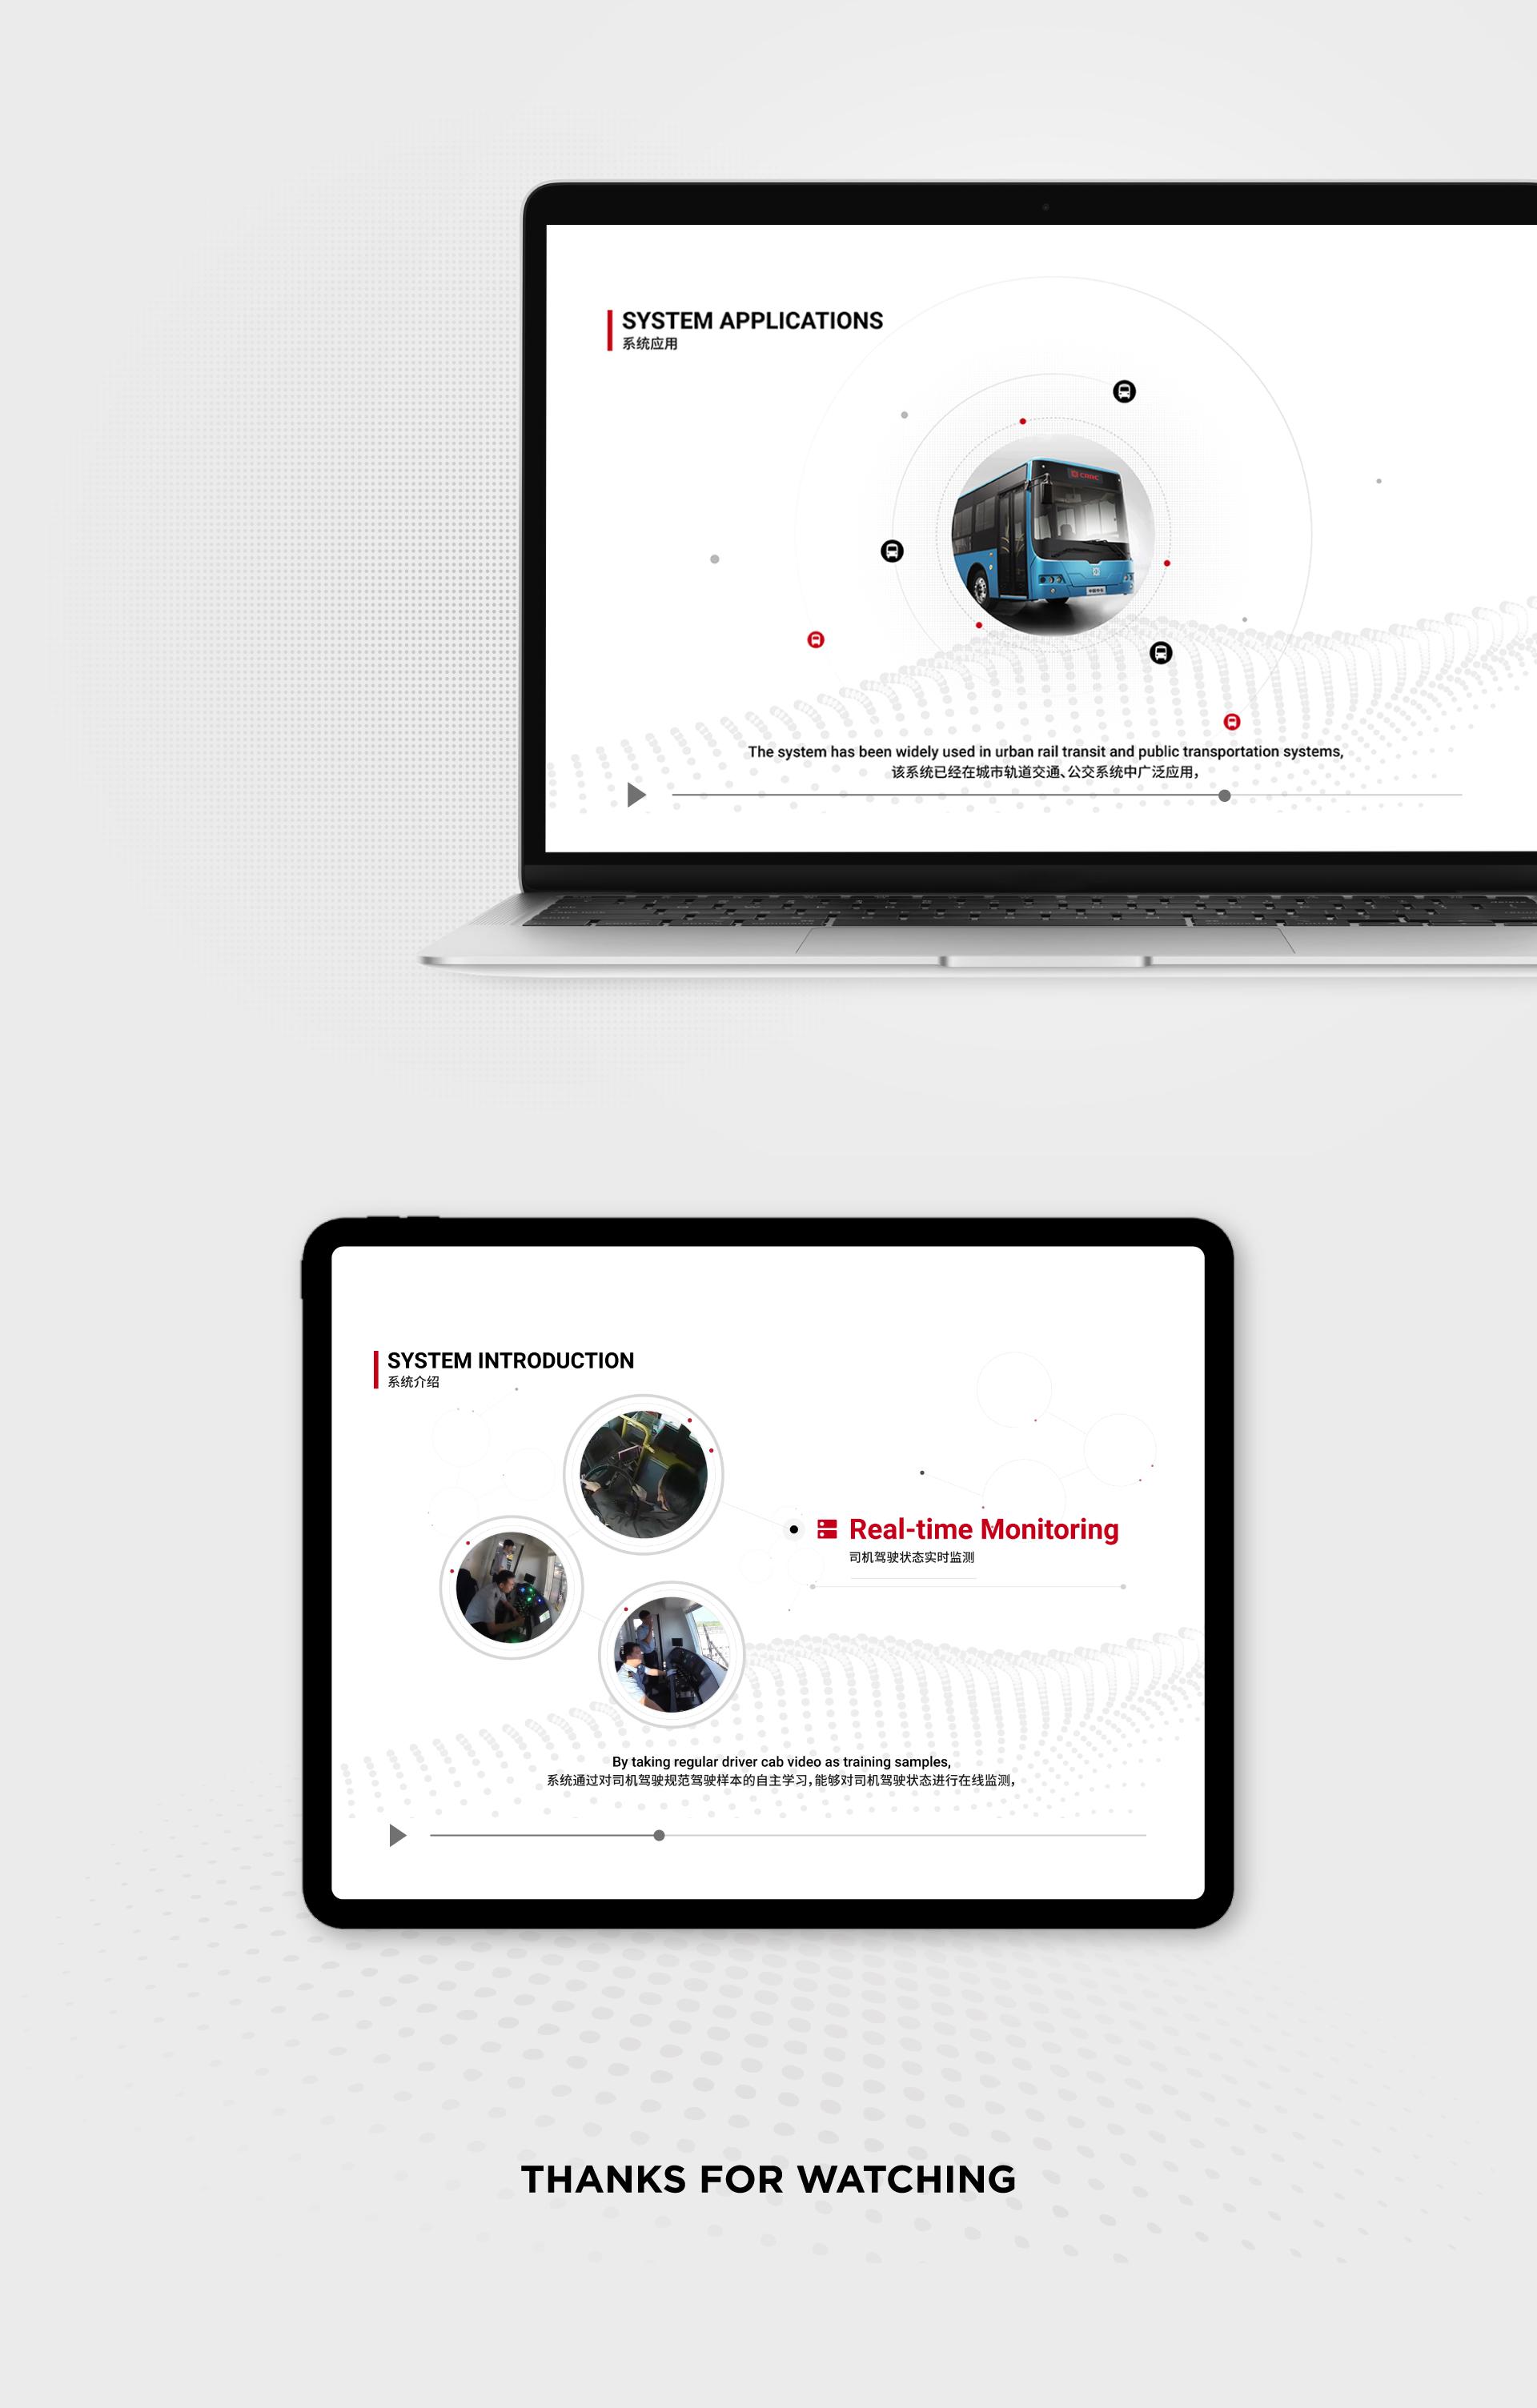 中车研究院产品MG宣传视频设计制作